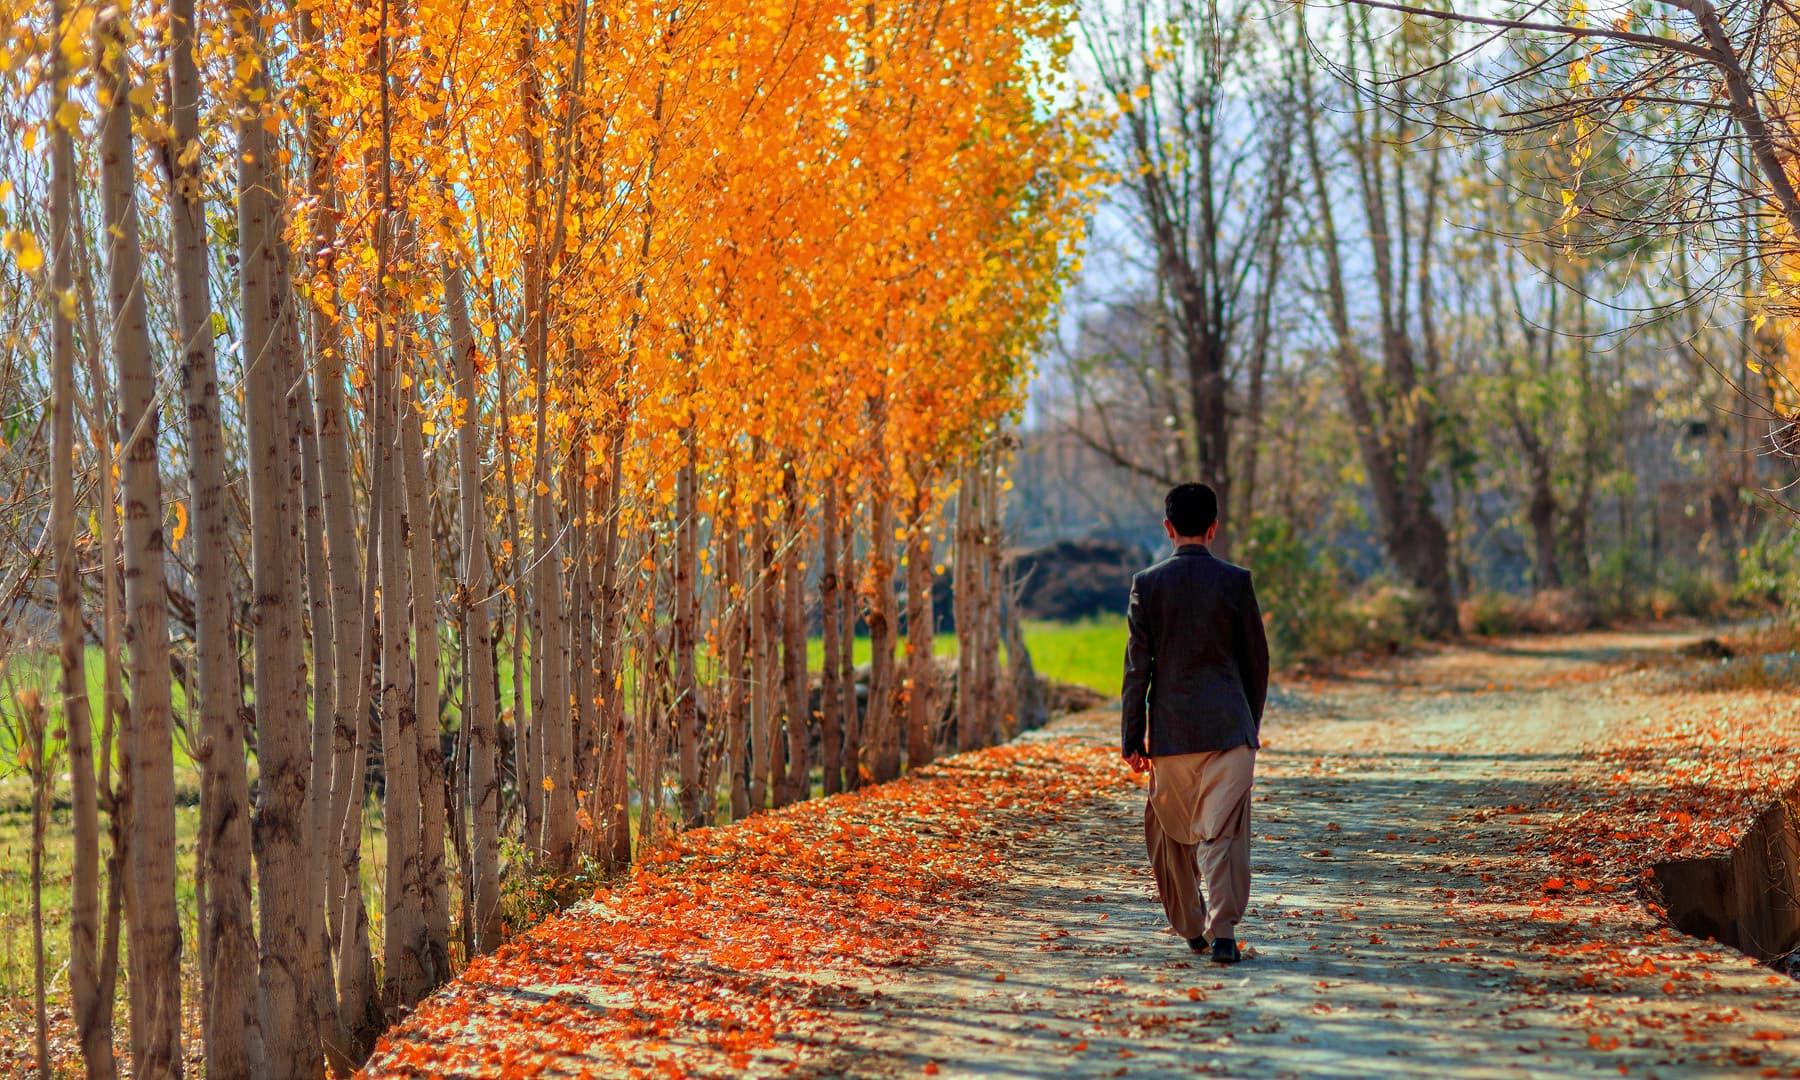 گاؤں کا راستہ. — فوٹو سید مہدی بخاری۔